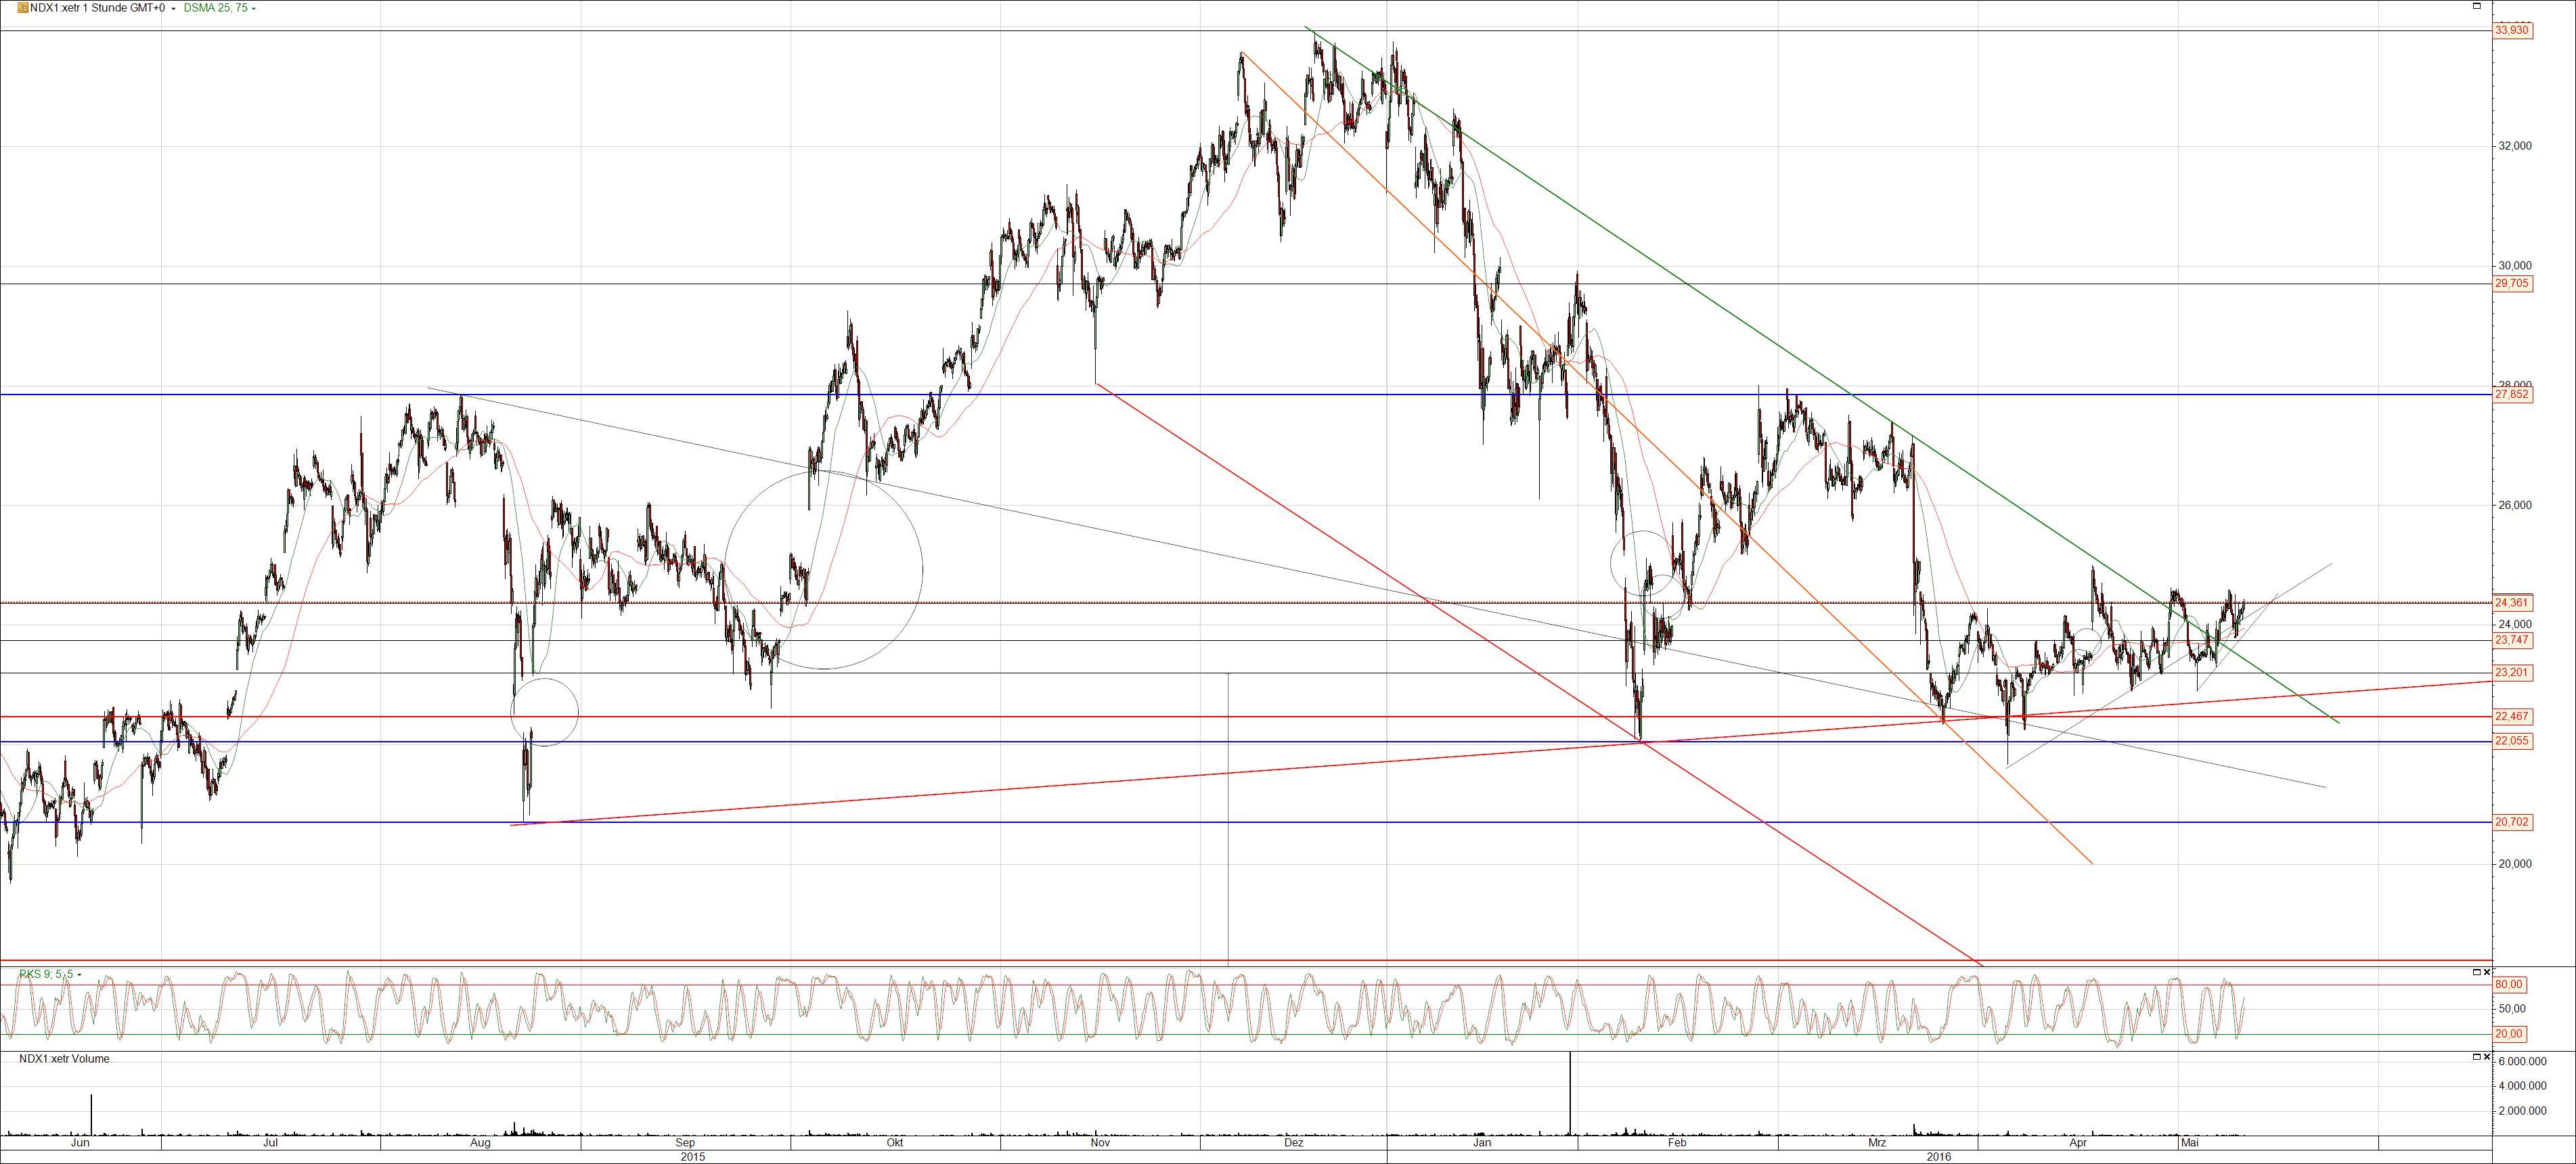 Nordex Aktie mit Bruch des Abwärtstrends